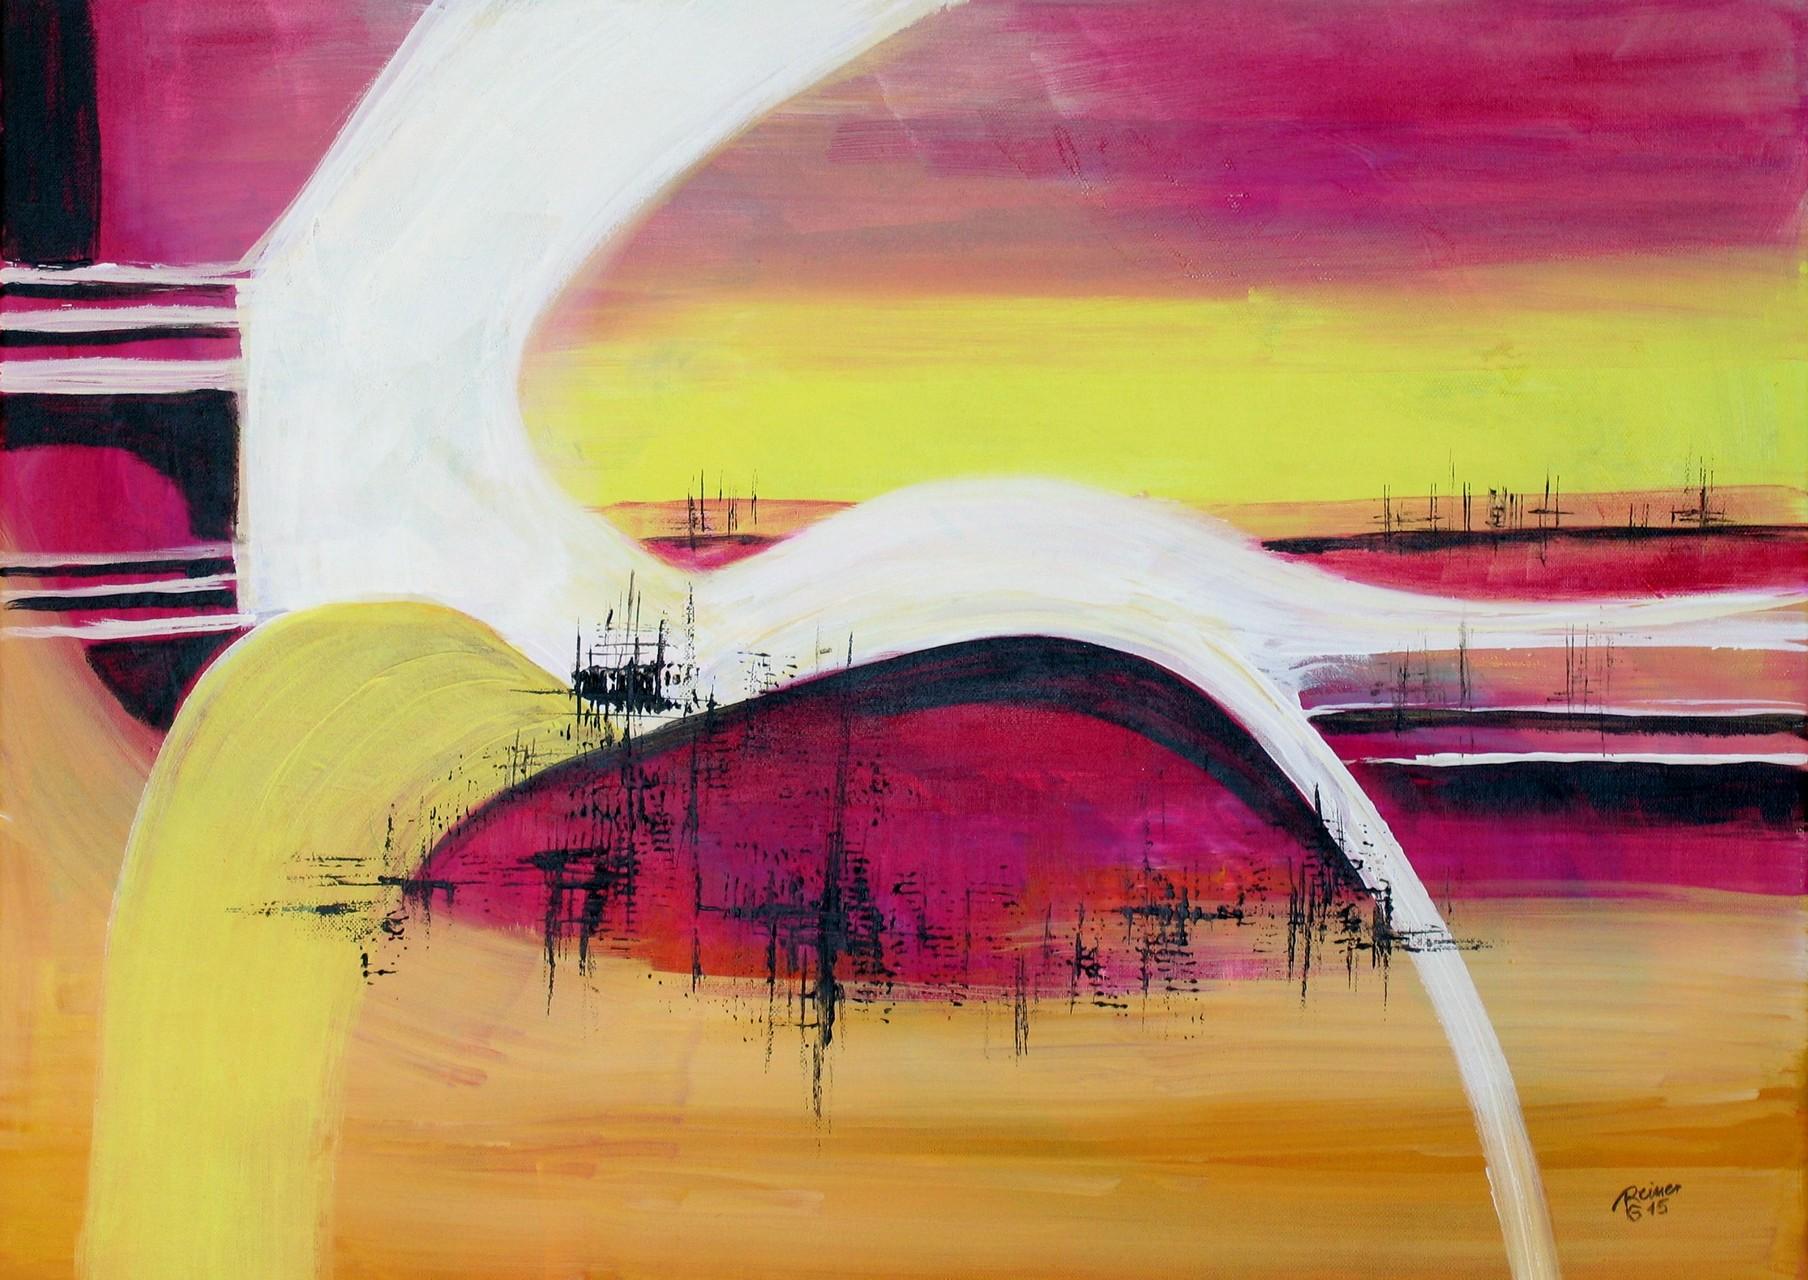 Horizont, Acryl auf Leinwand, 50 x 70 cm